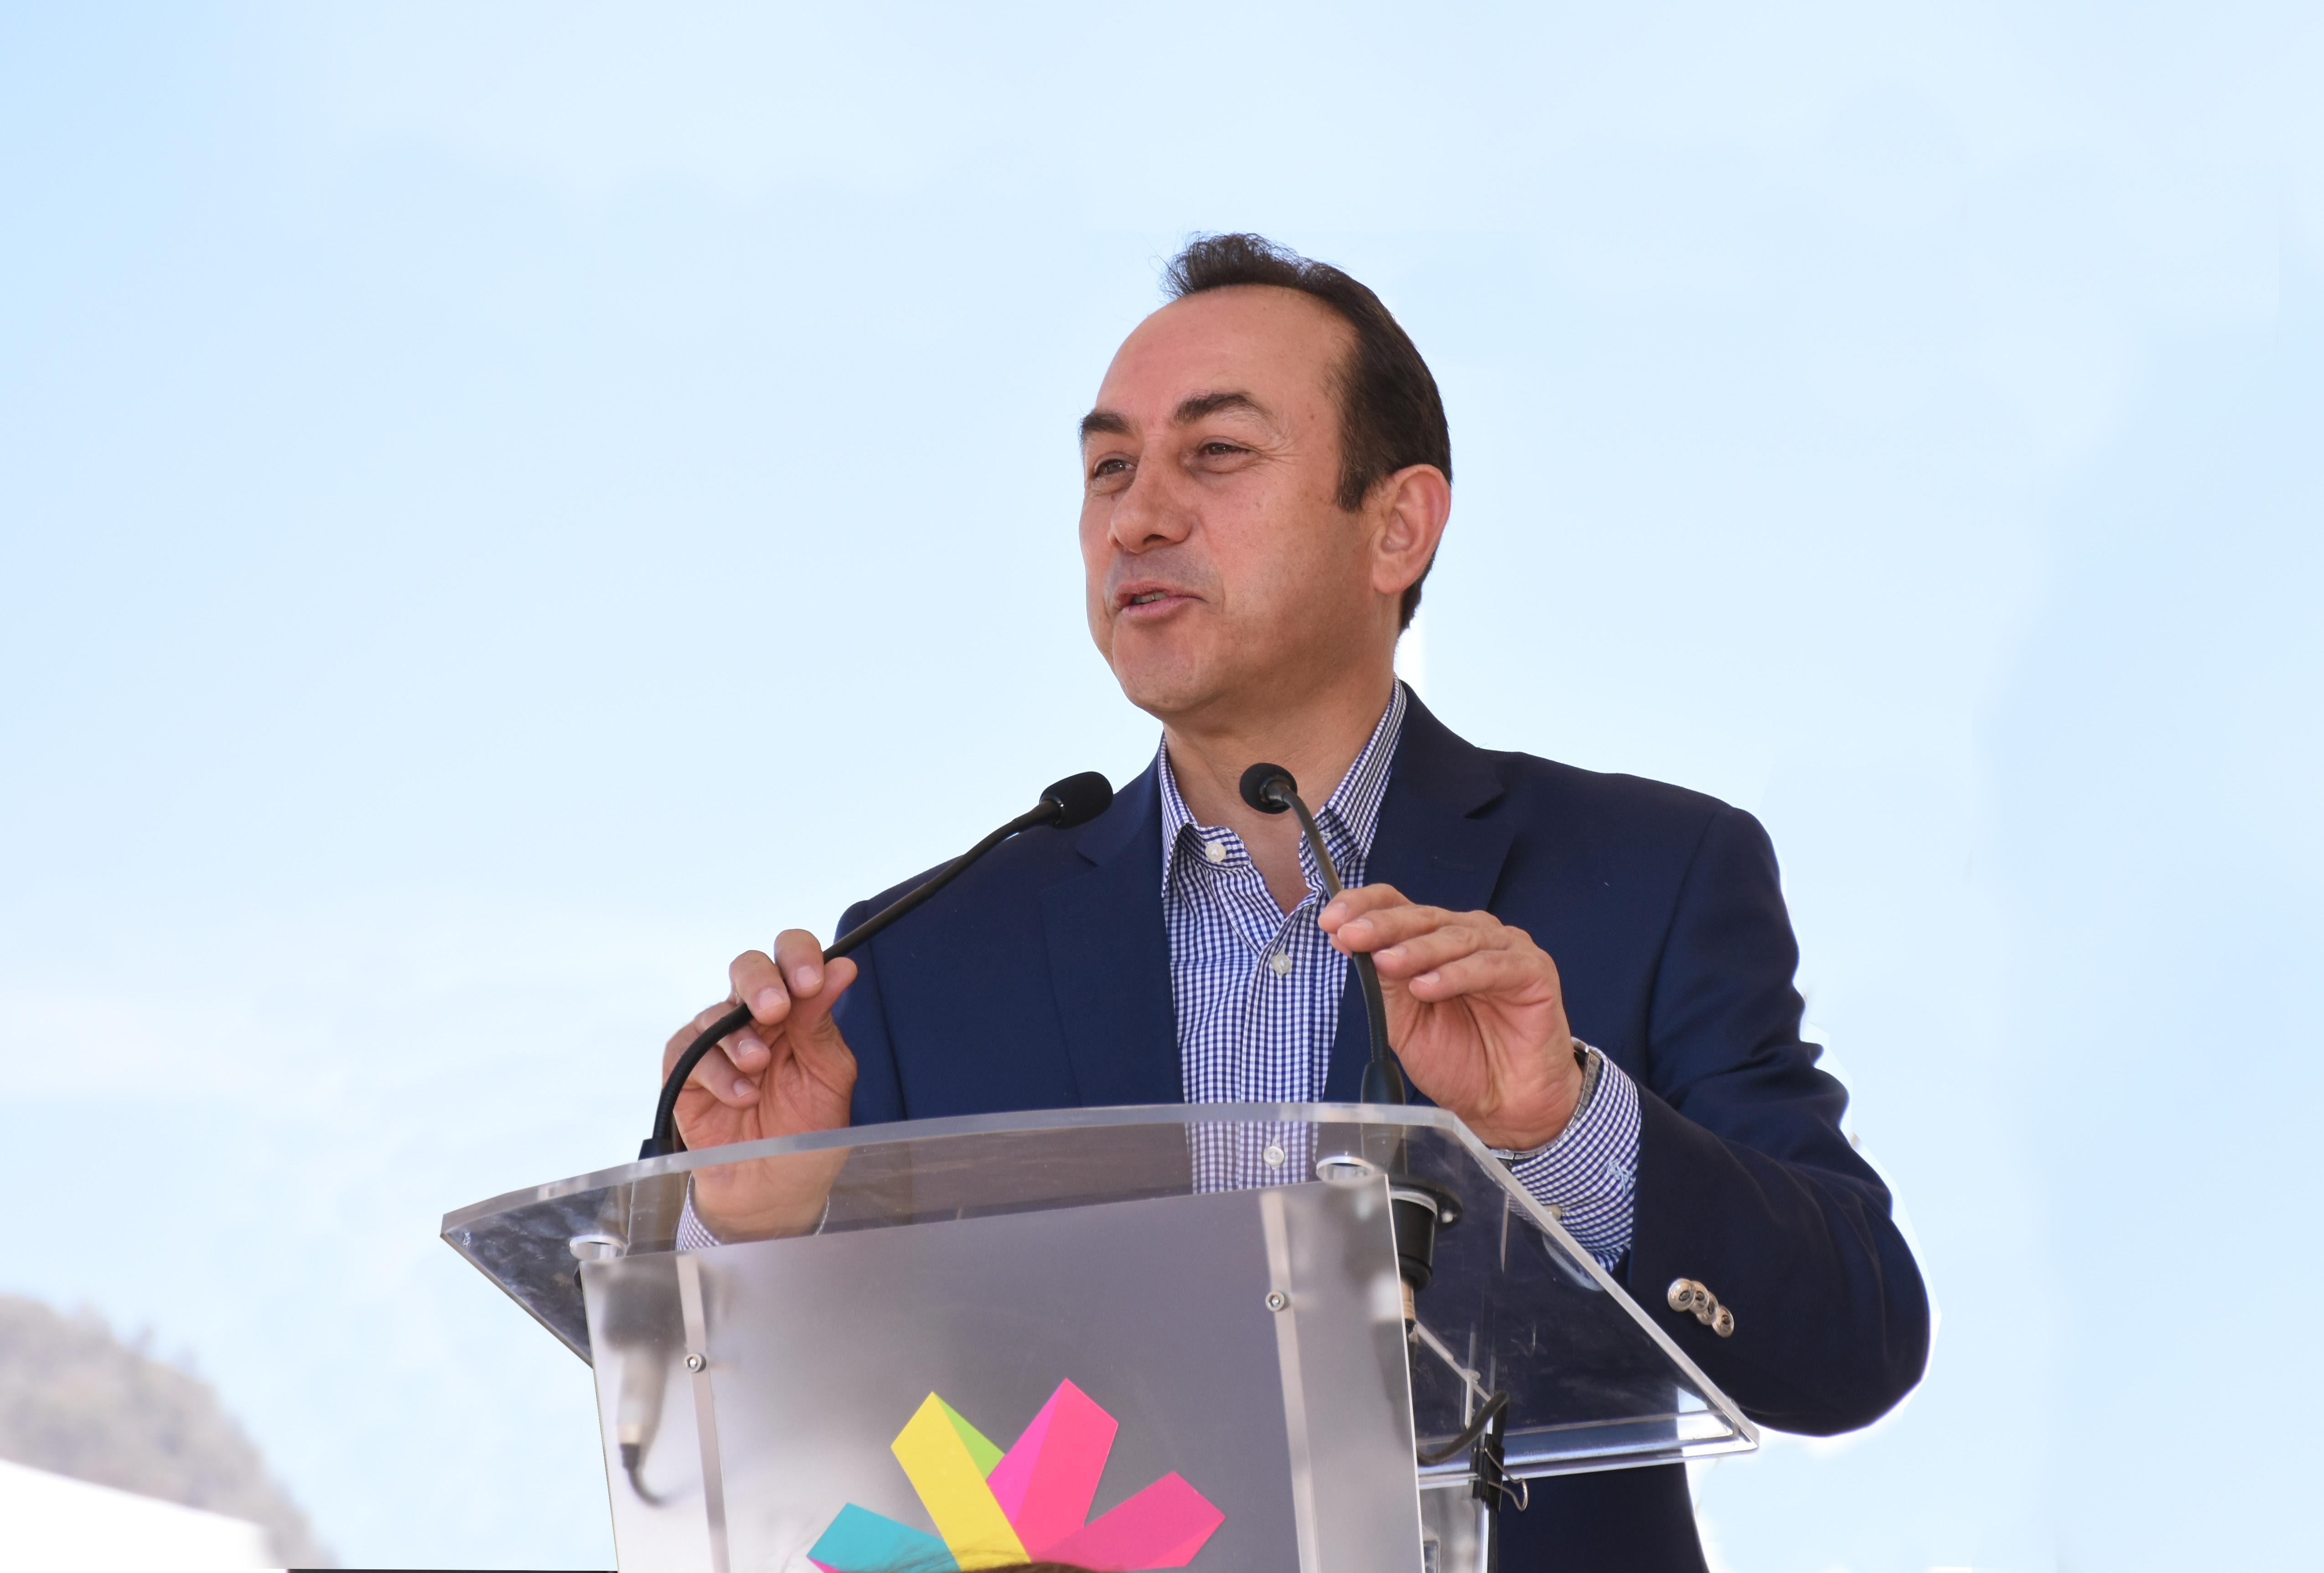 Las condiciones de seguridad propician el correcto desarrollo de las actividades productivas: Soto Sánchez